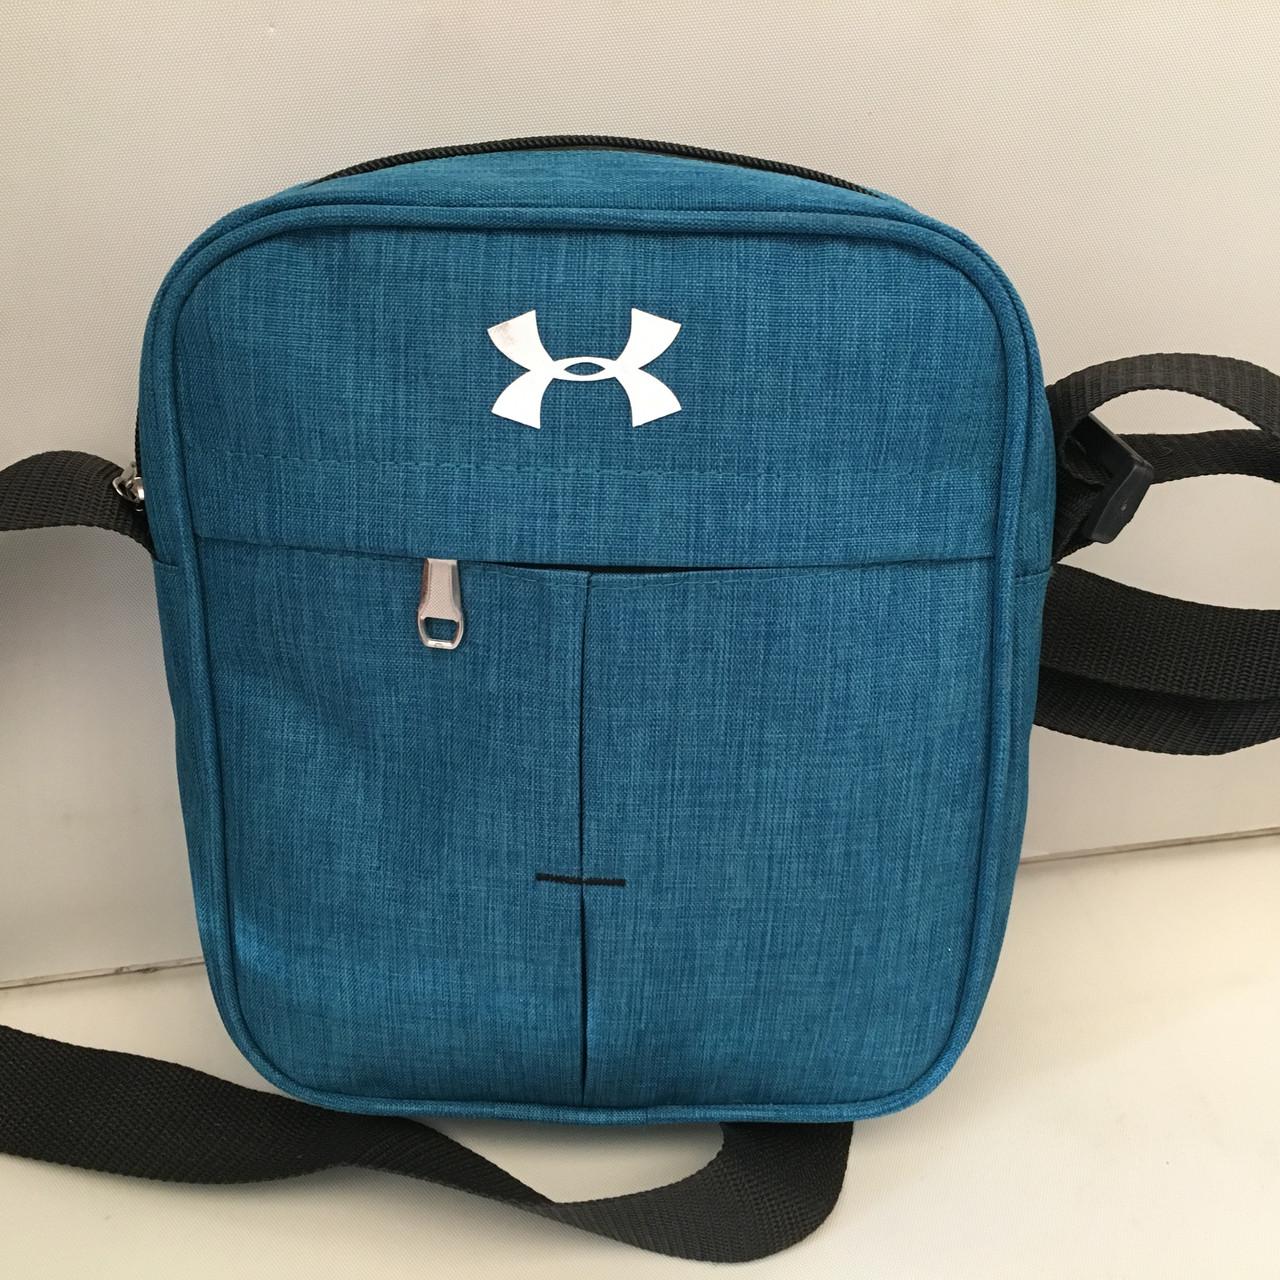 42659130fd9b Высококачественная мужская сумка через плече. Удобная, практичная сумка. Мужская  сумка UNDER (7